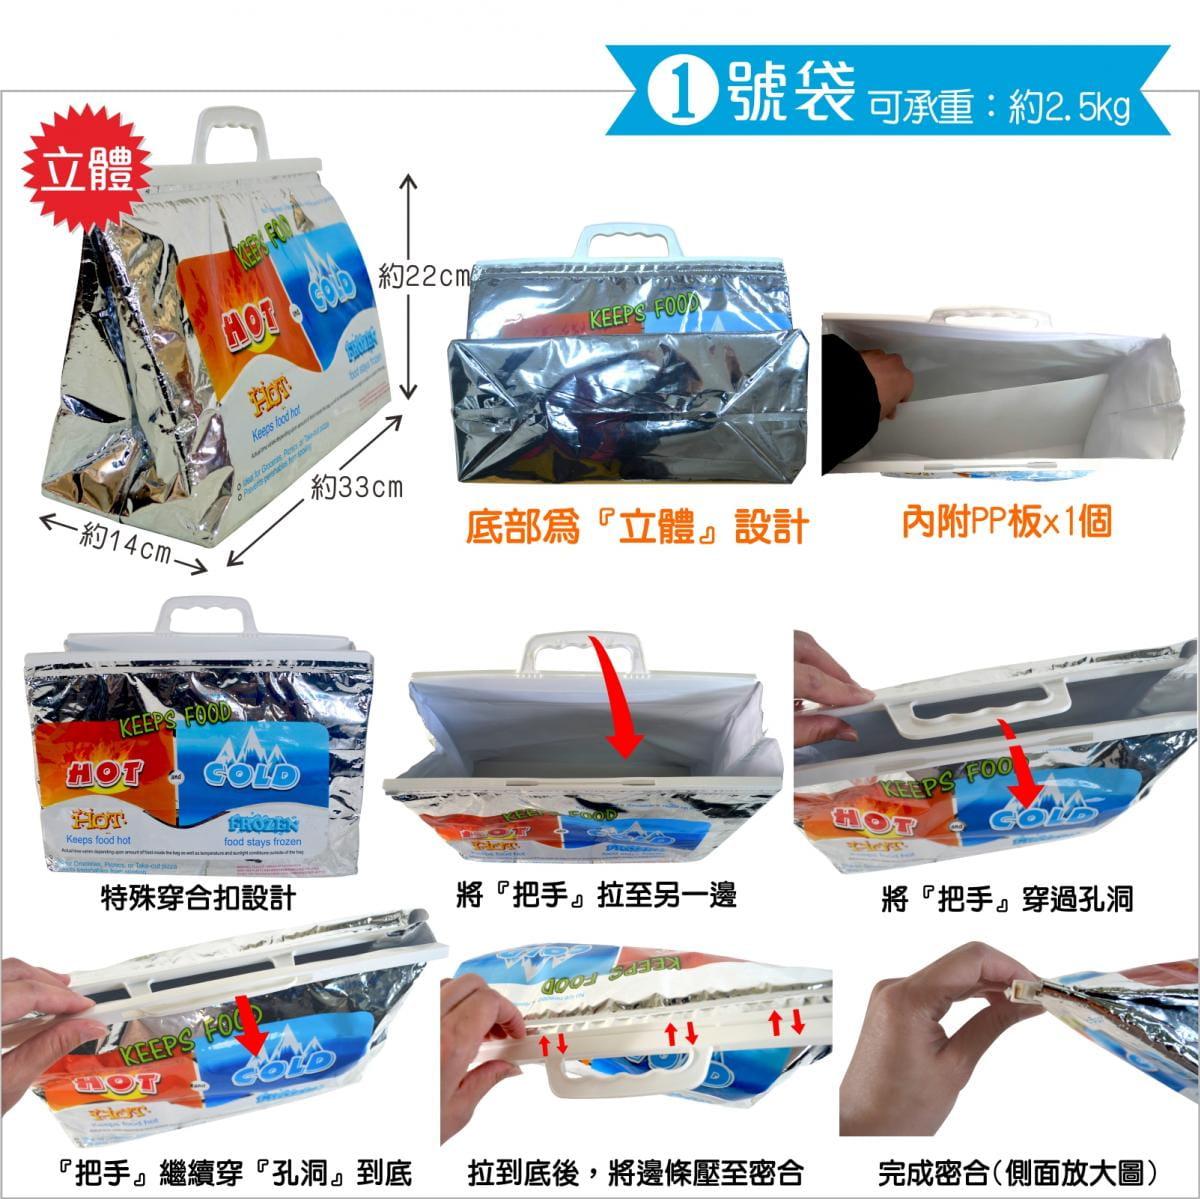 防滲漏保冰溫袋/每組3個 2